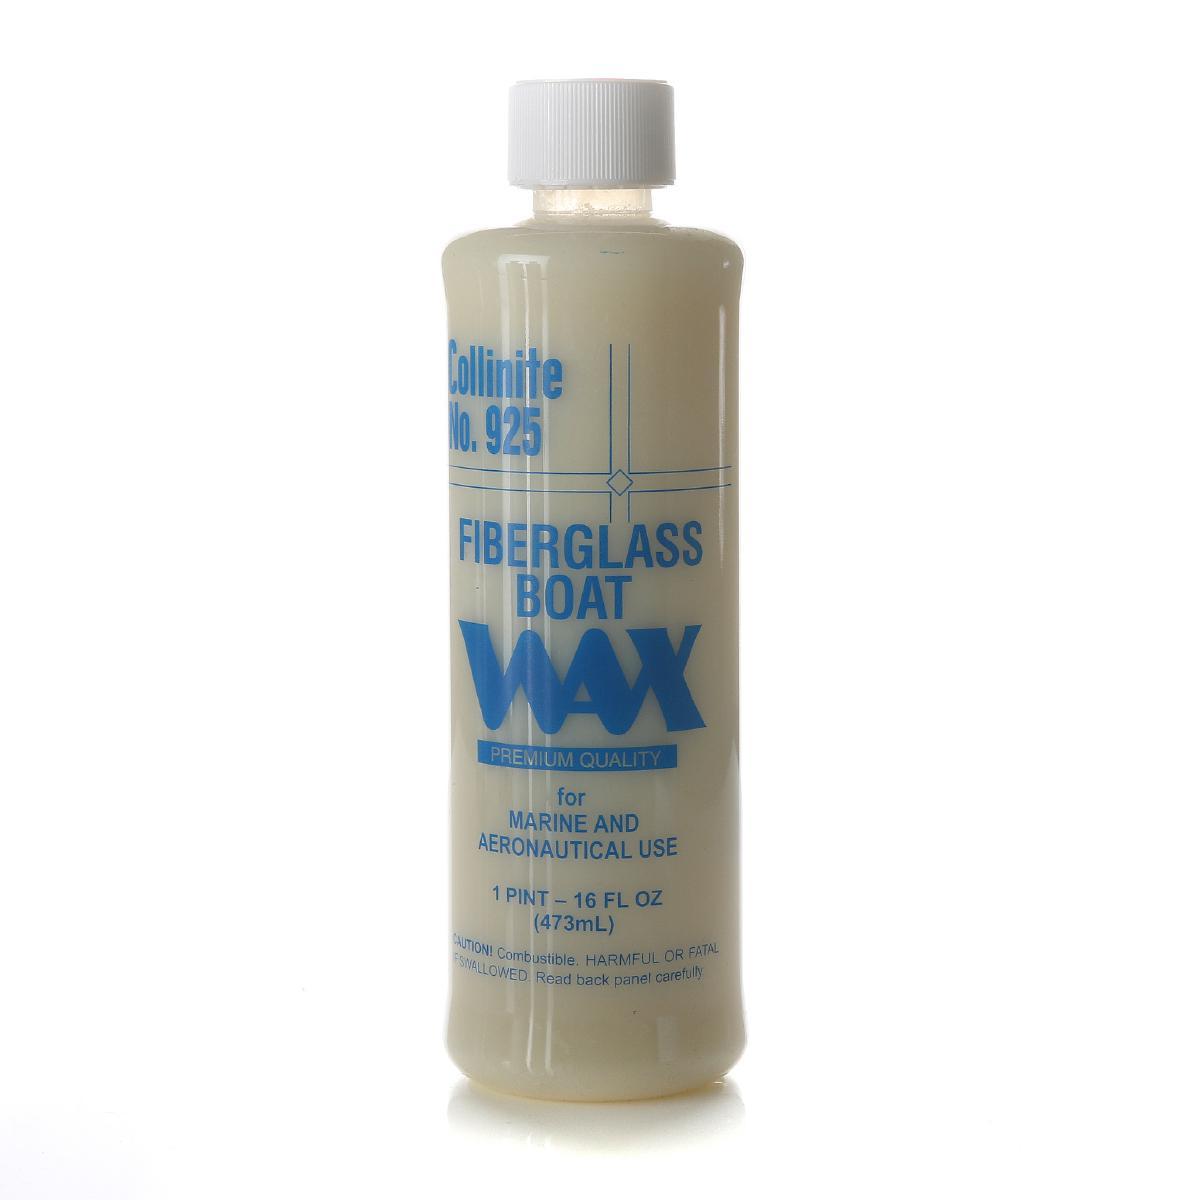 Båtvax Collinite 925 Fiberglass Boat Wax, 470 ml